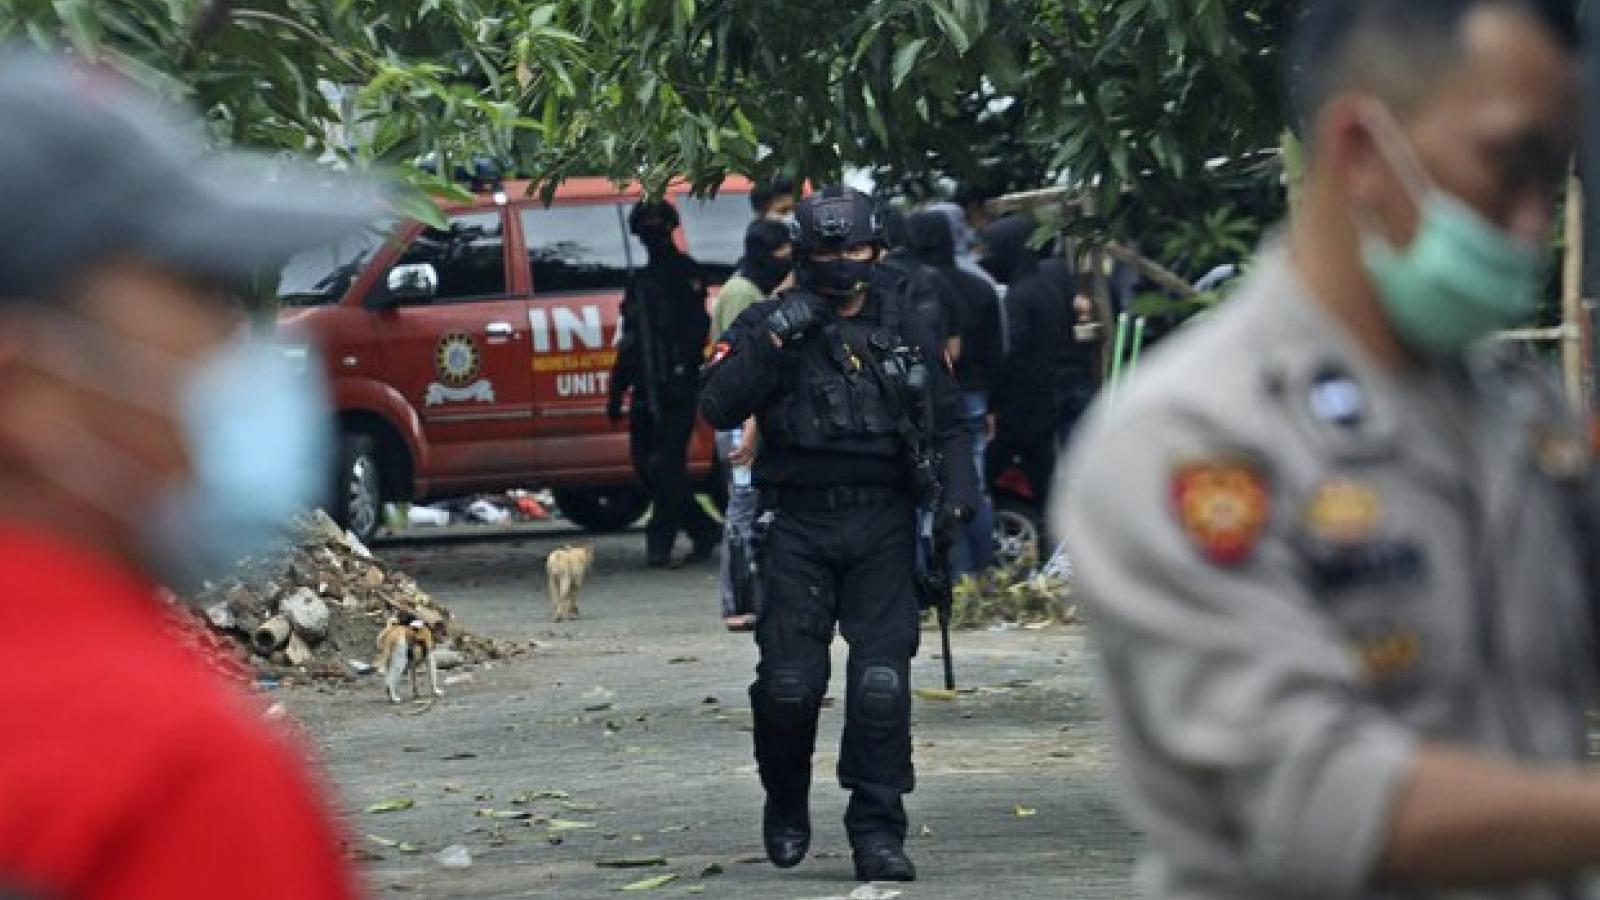 Indonesia tiêu diệt 2 nghi phạm liên quan đến vụ đánh bom ở Philippines năm 2019